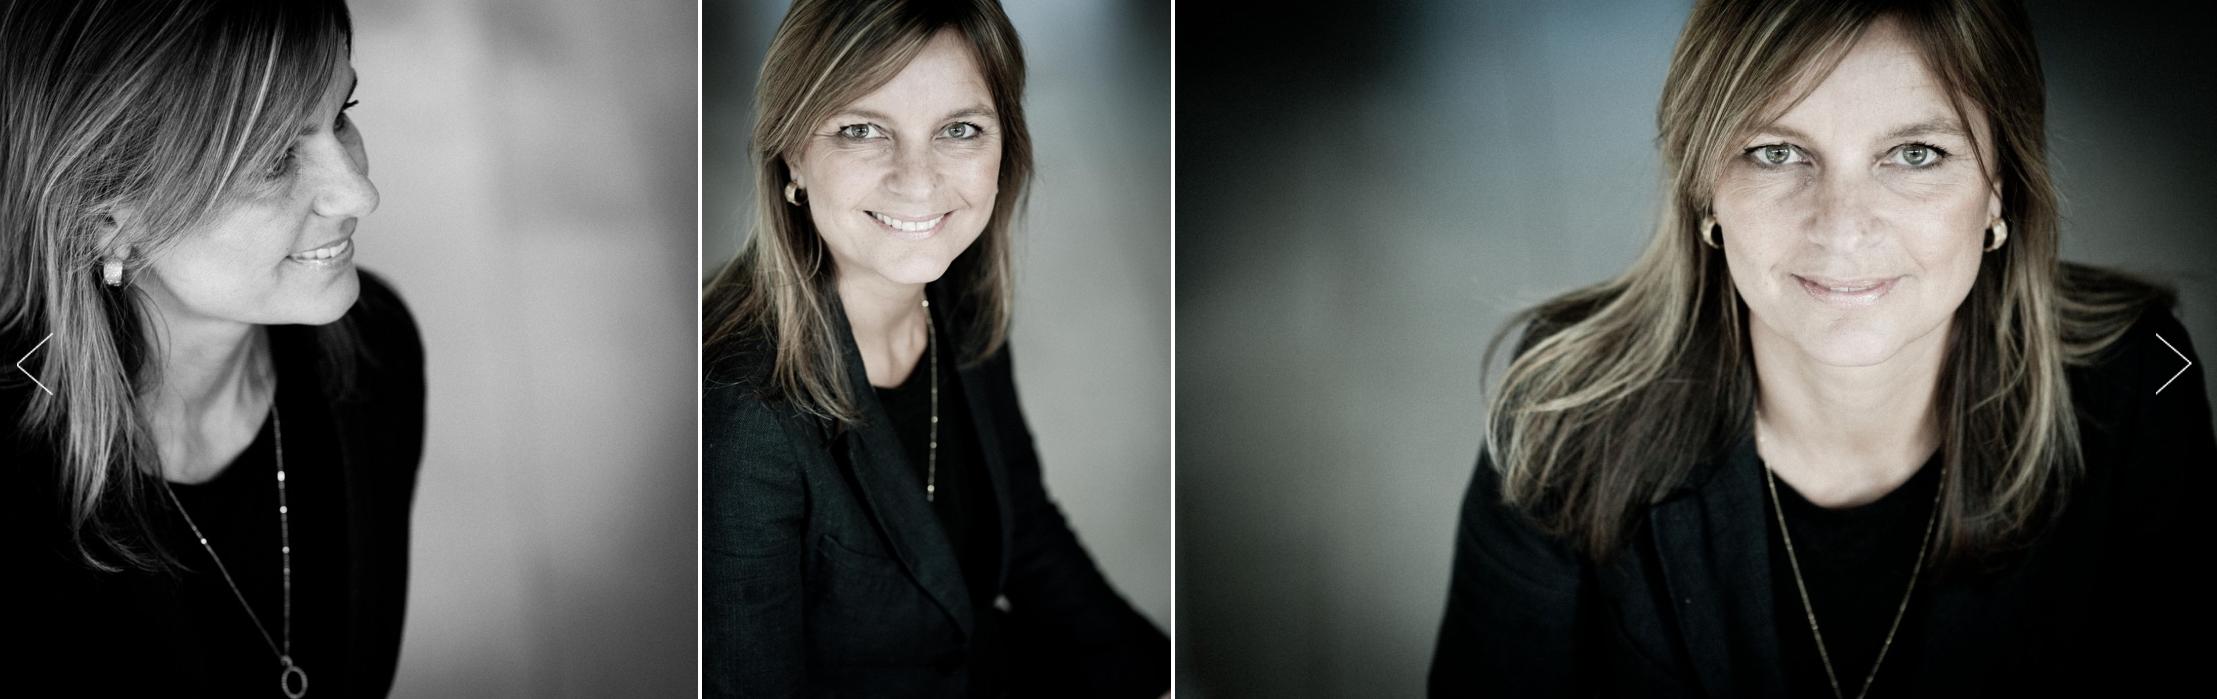 Profielshoot met Monique Vermeer